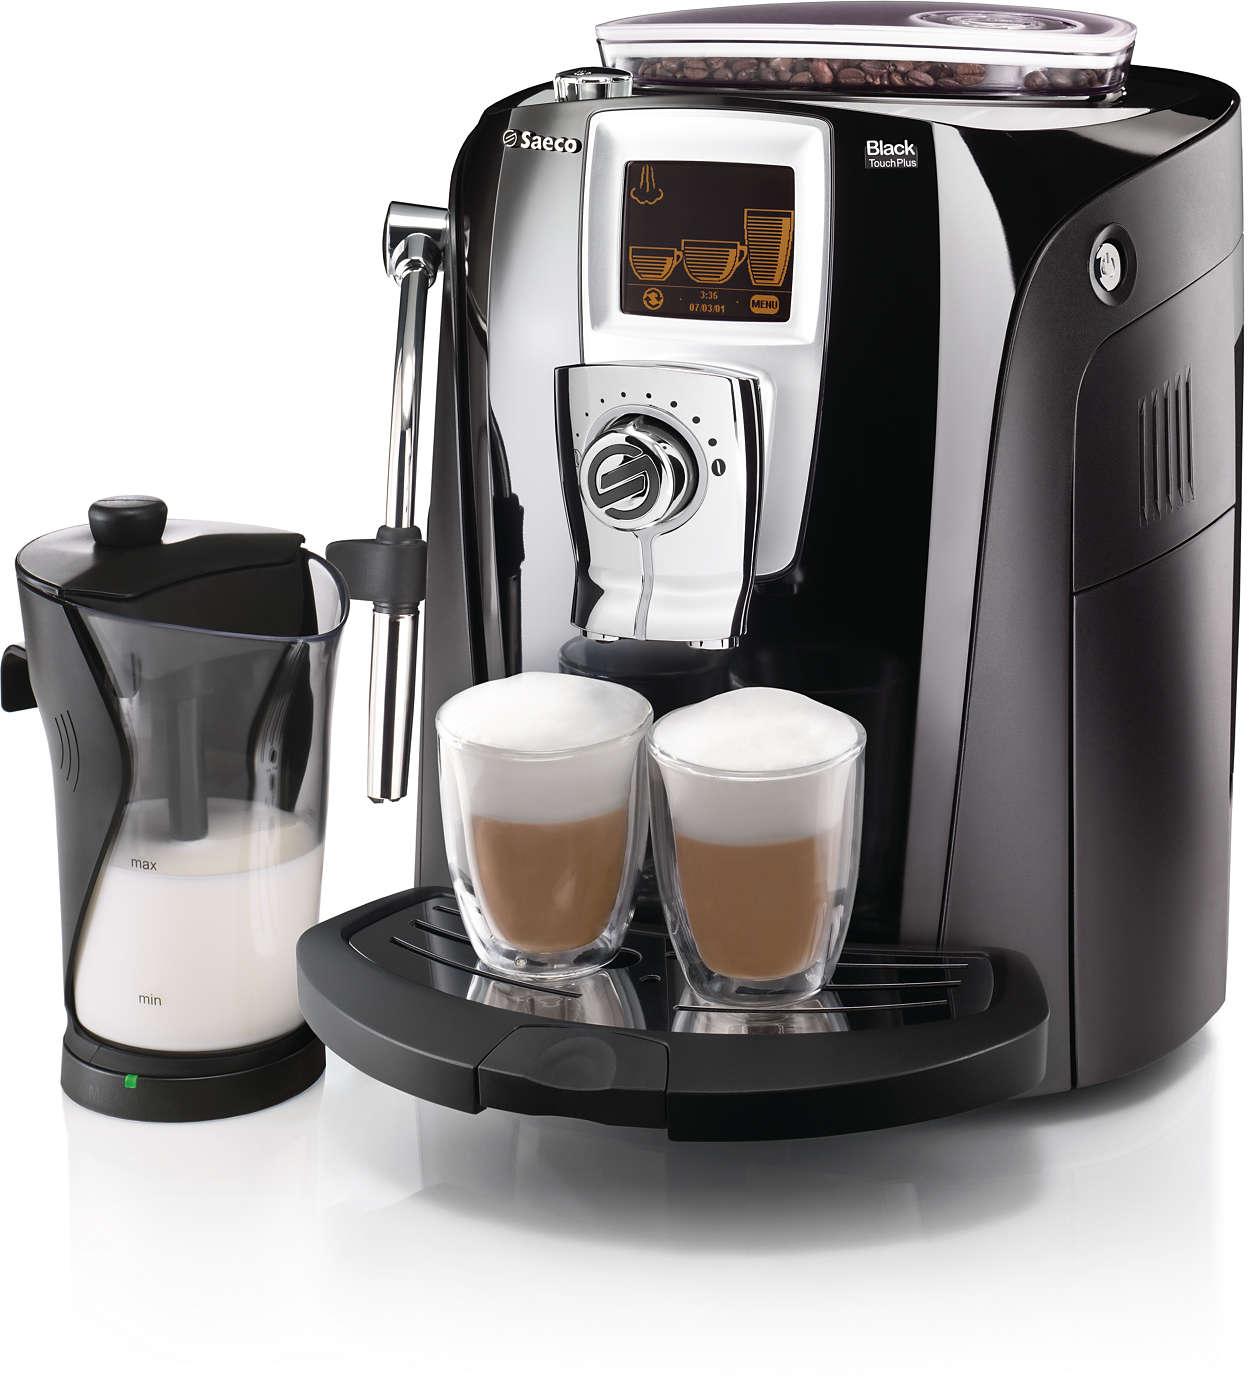 Elegantti kahvinautinto odottaa sinua